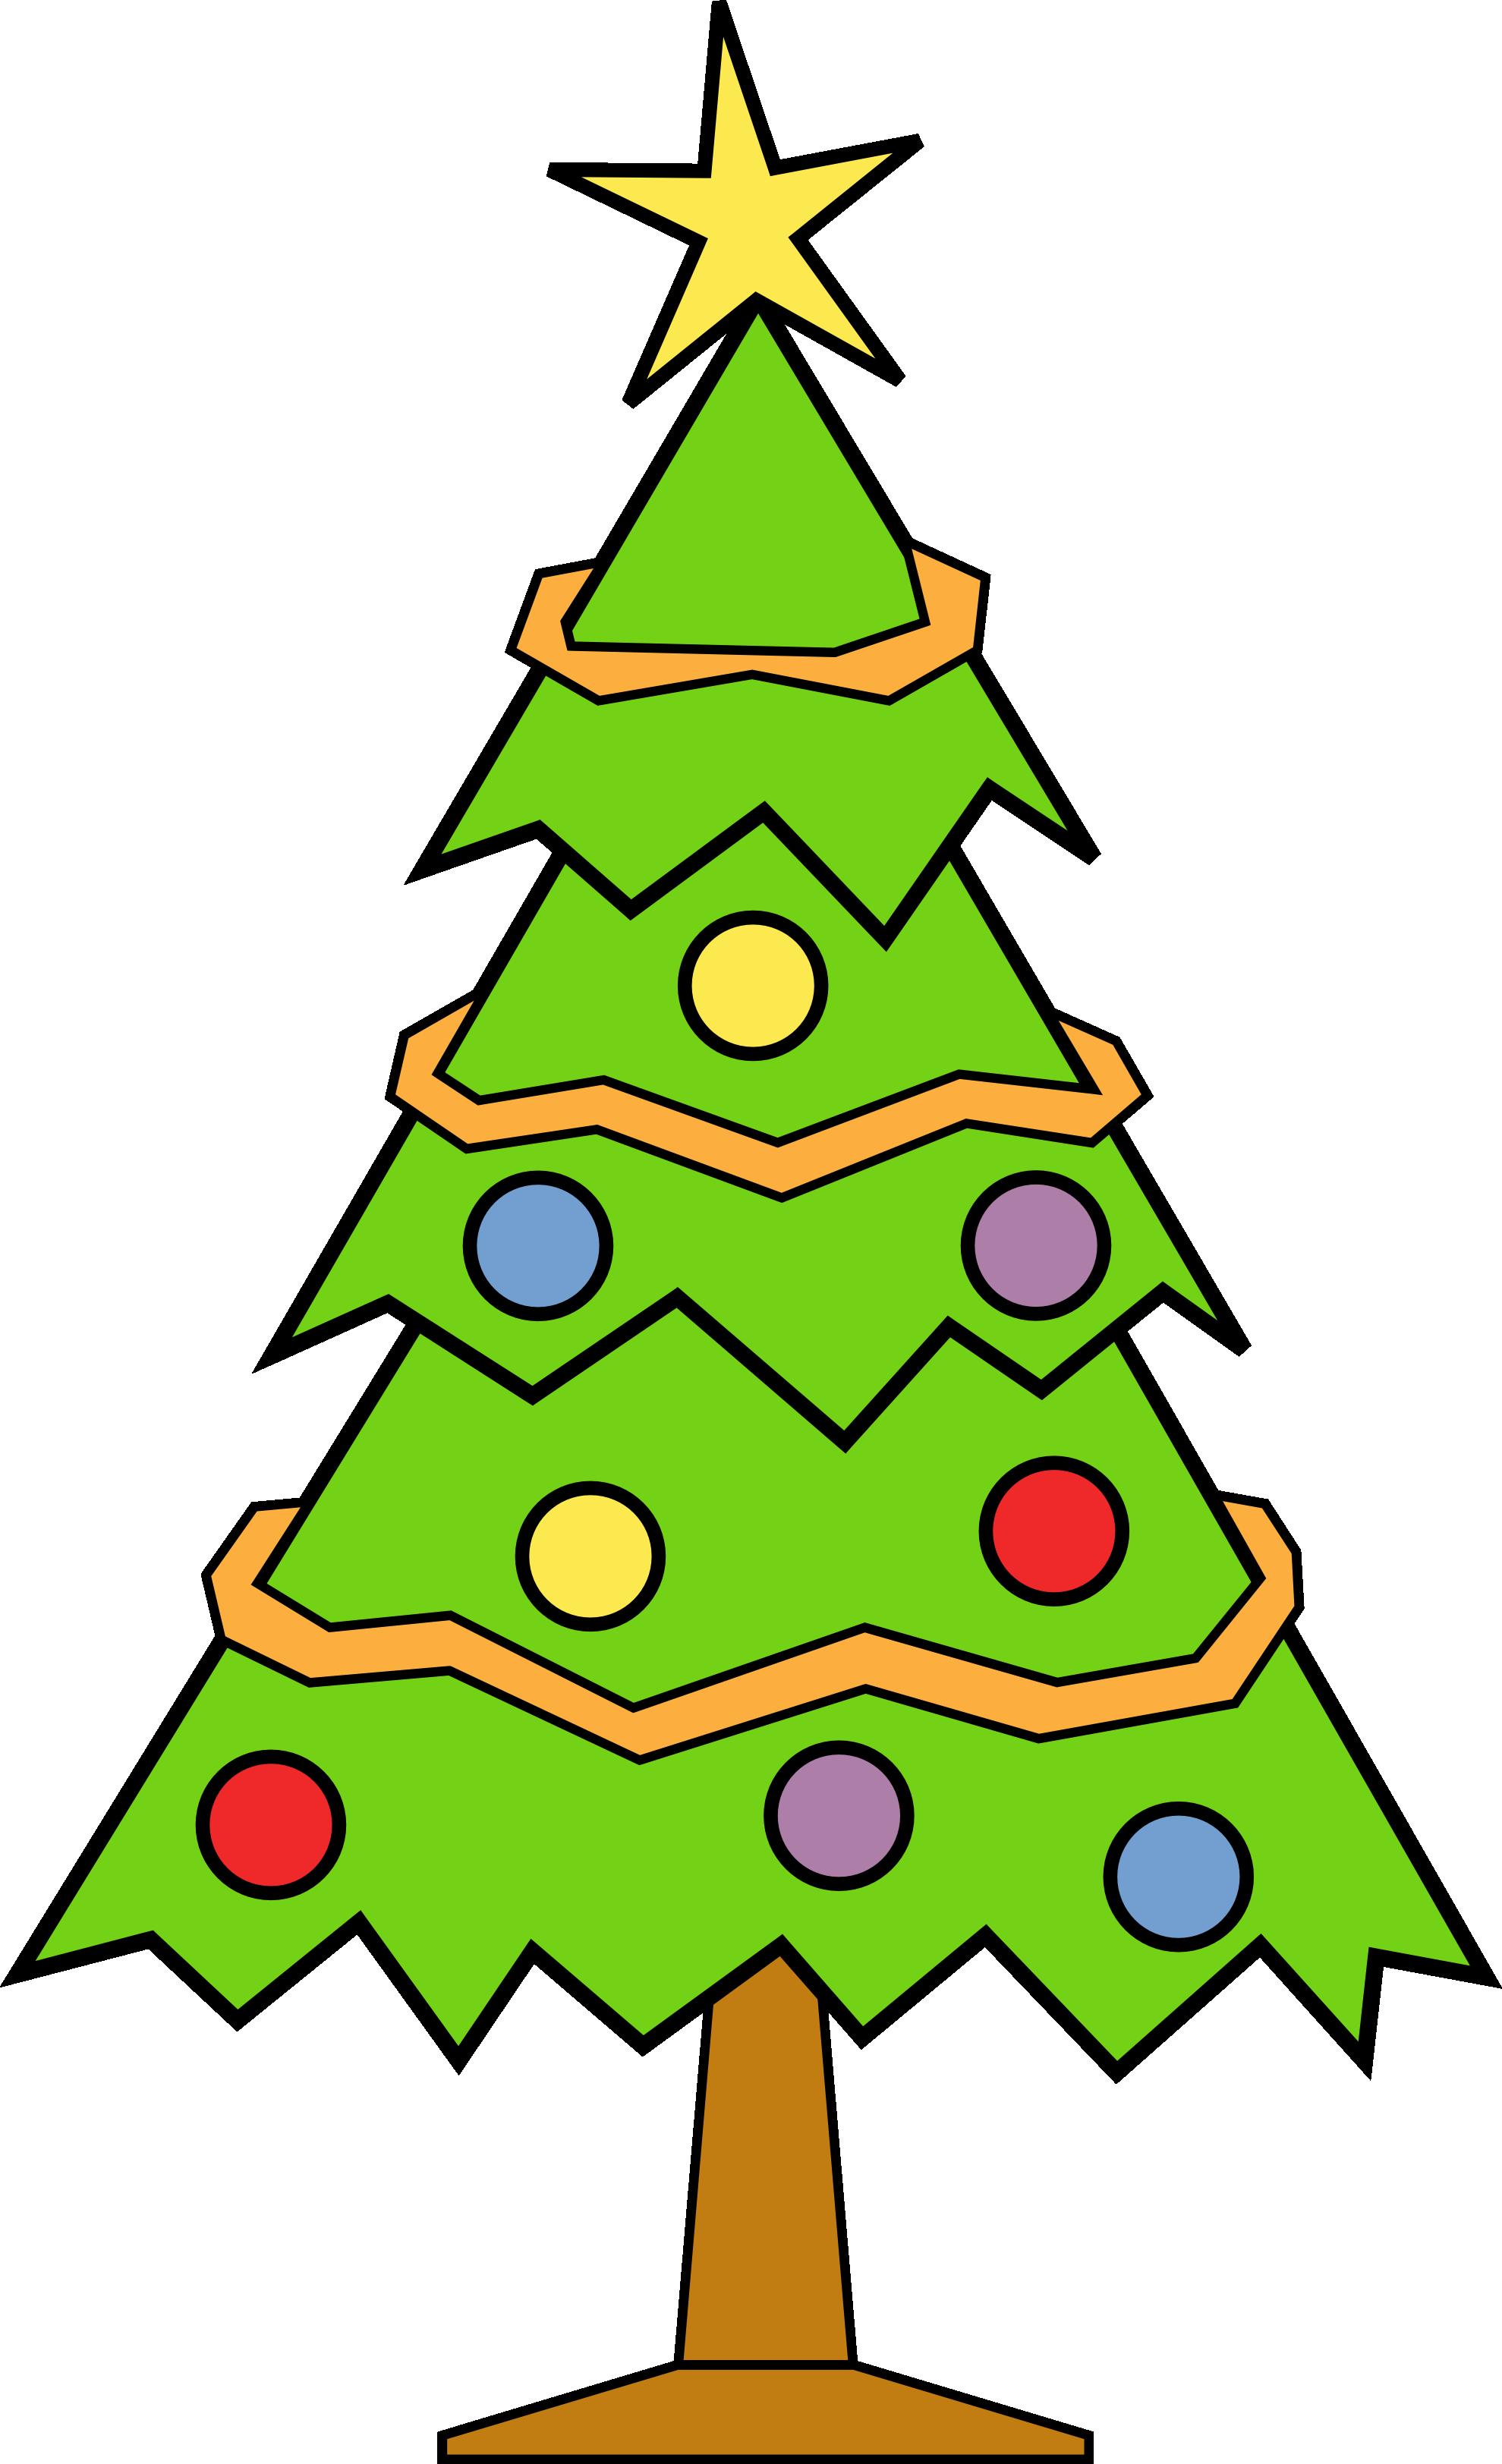 cristmas tree clipart #13